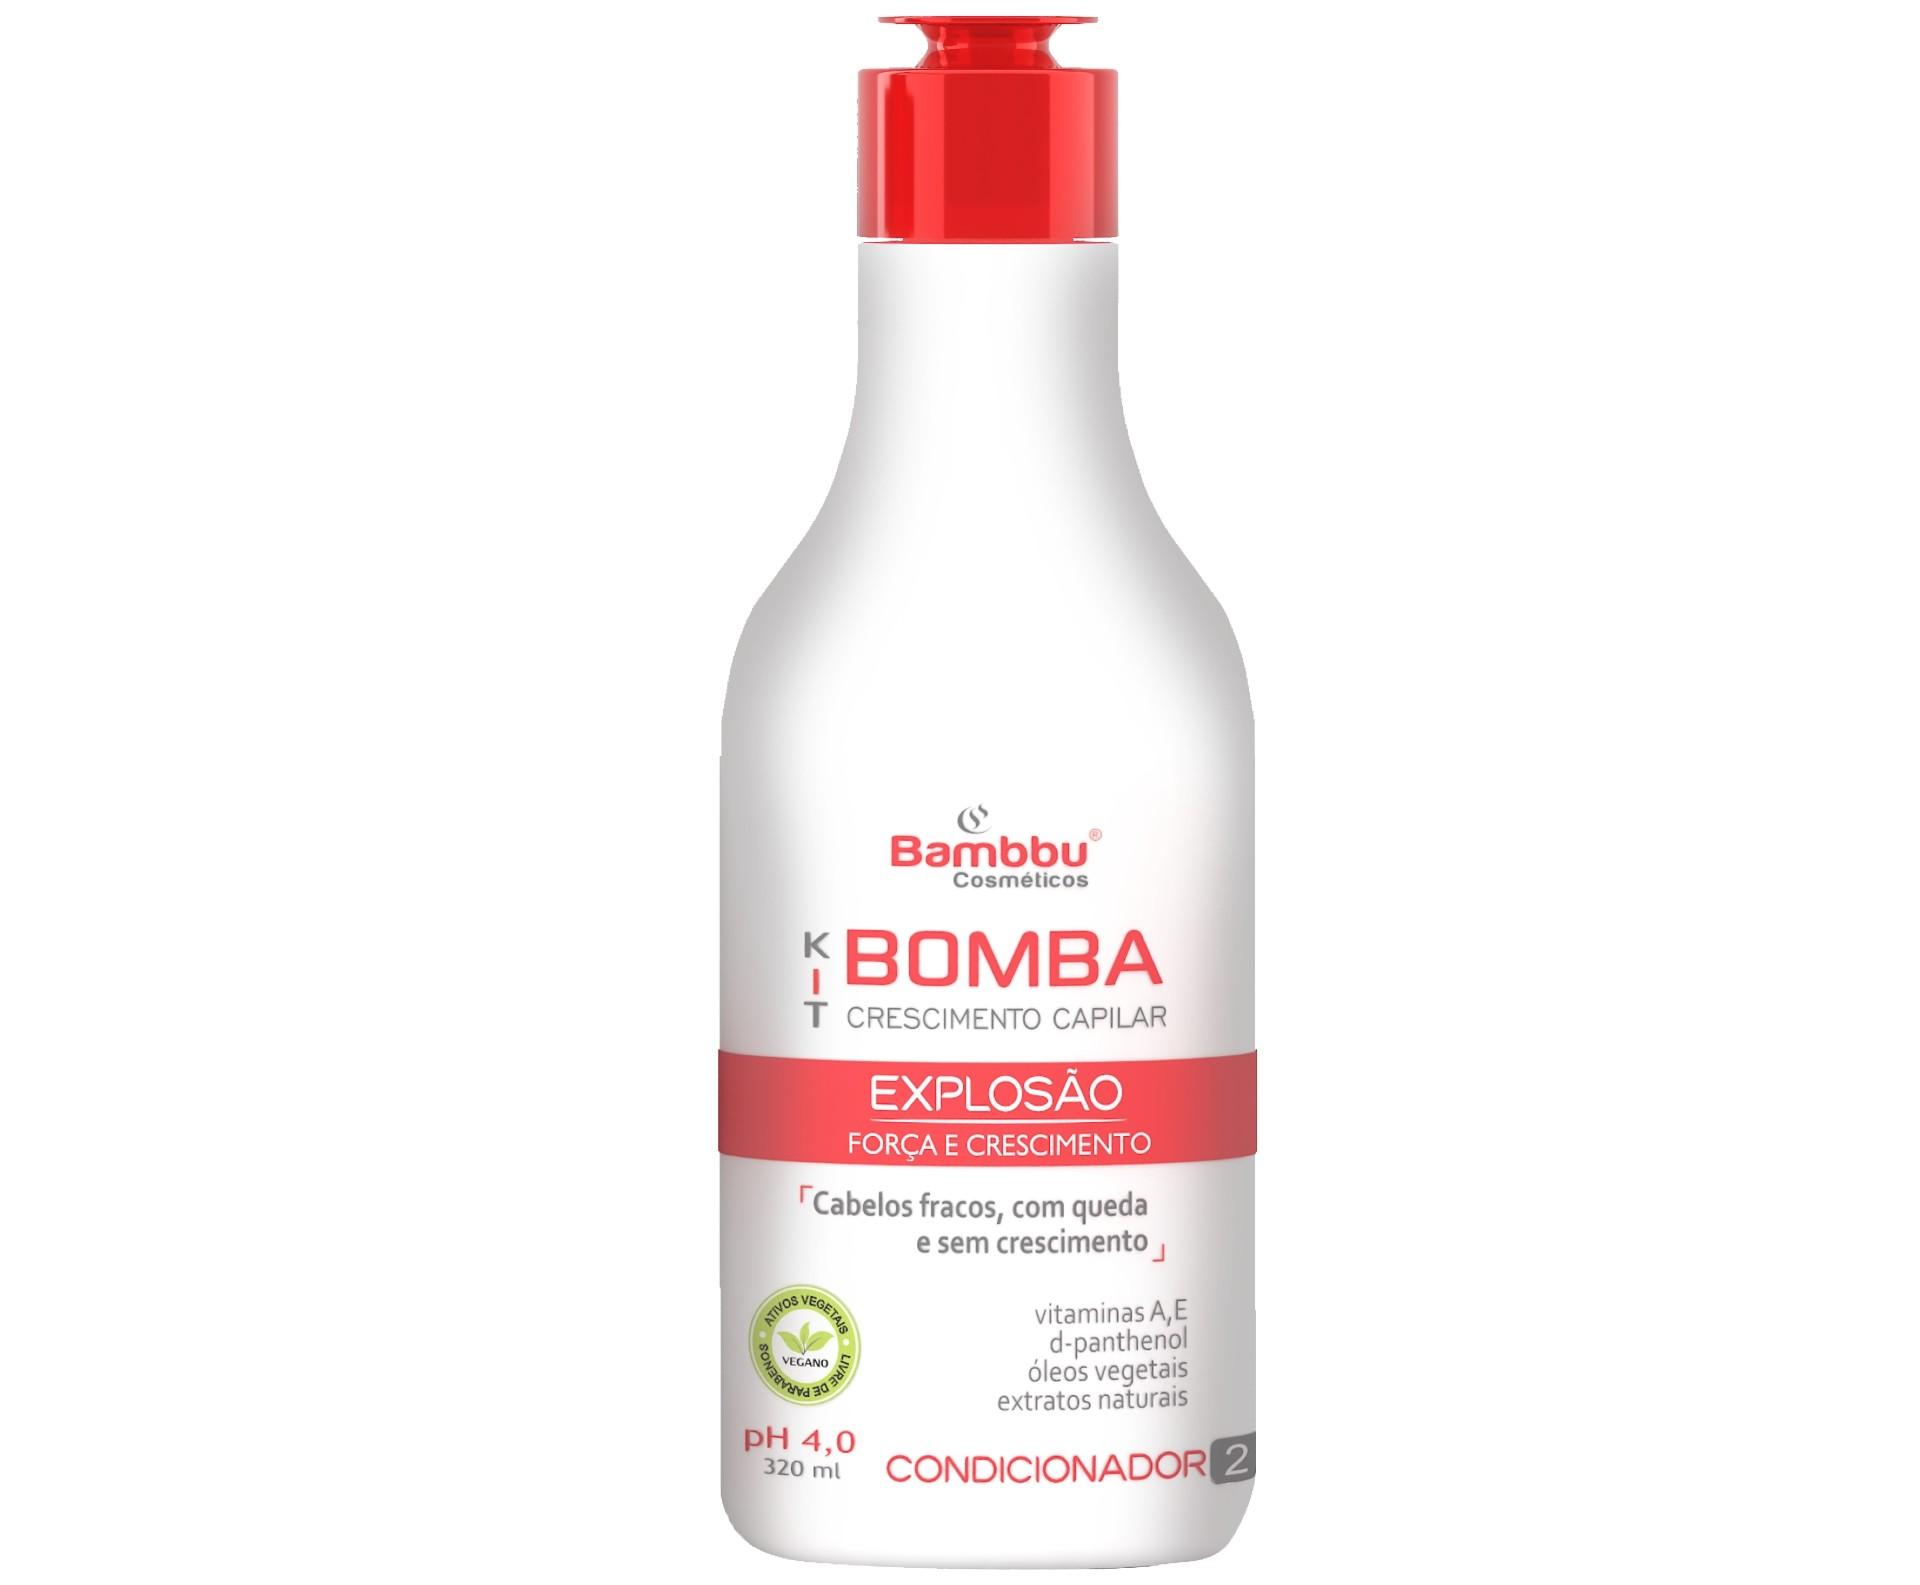 Condicionador Acelerador de Crescimento Capilar e Anti Queda 320 ml - Kit Bomba